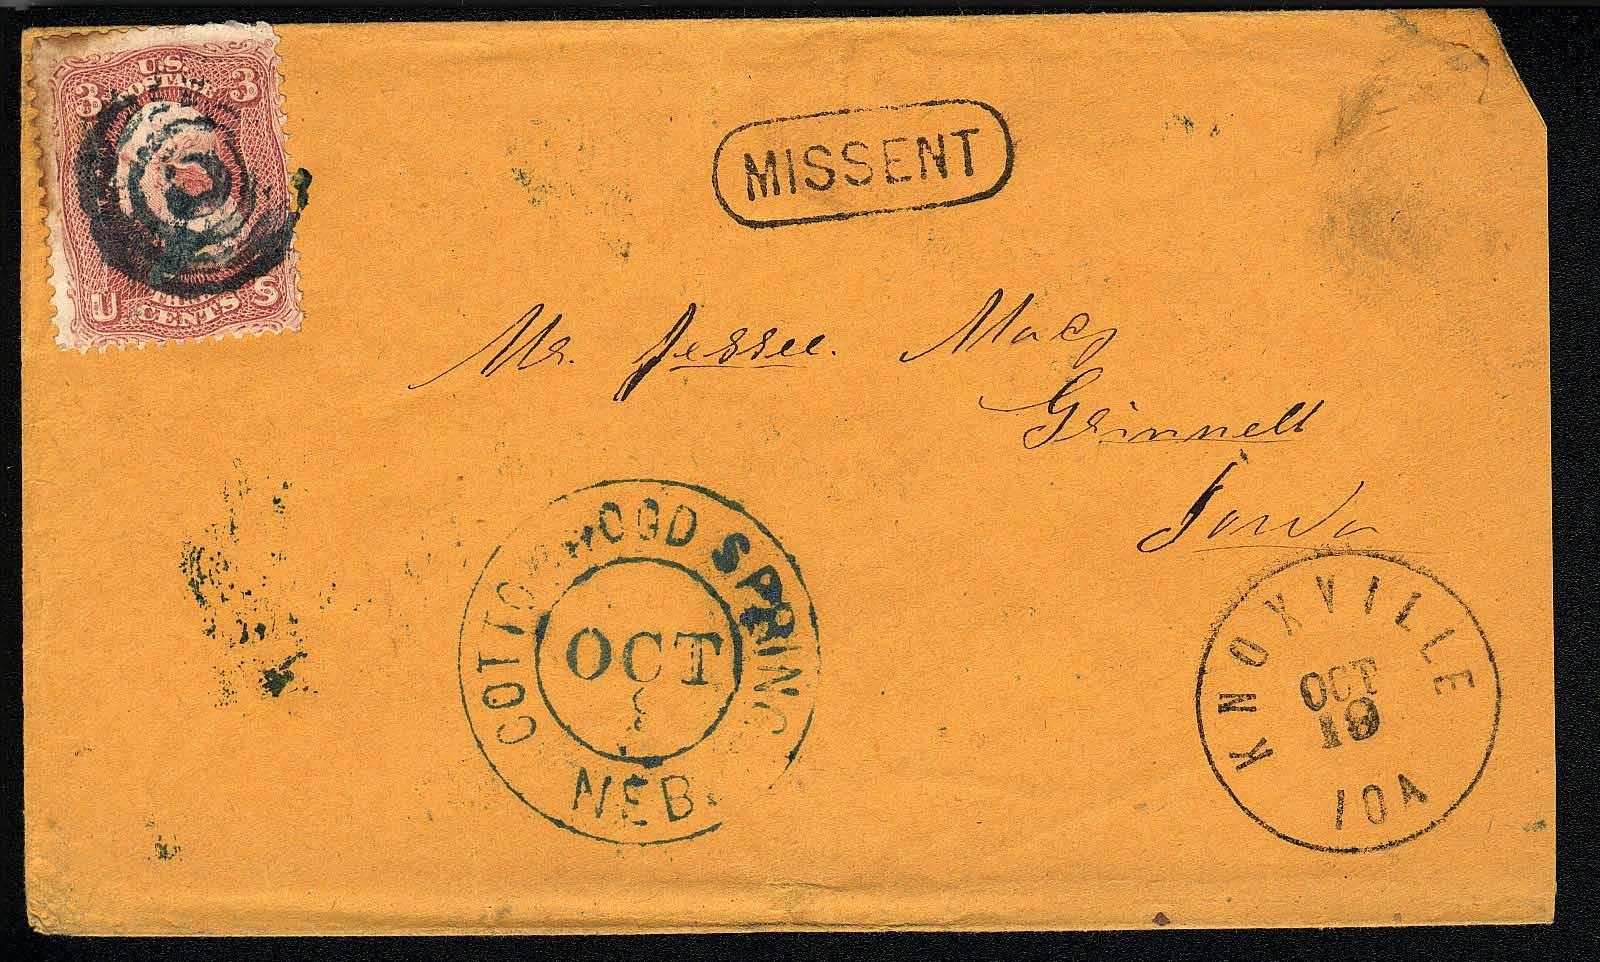 CottonwoodSprings 1863 10 09